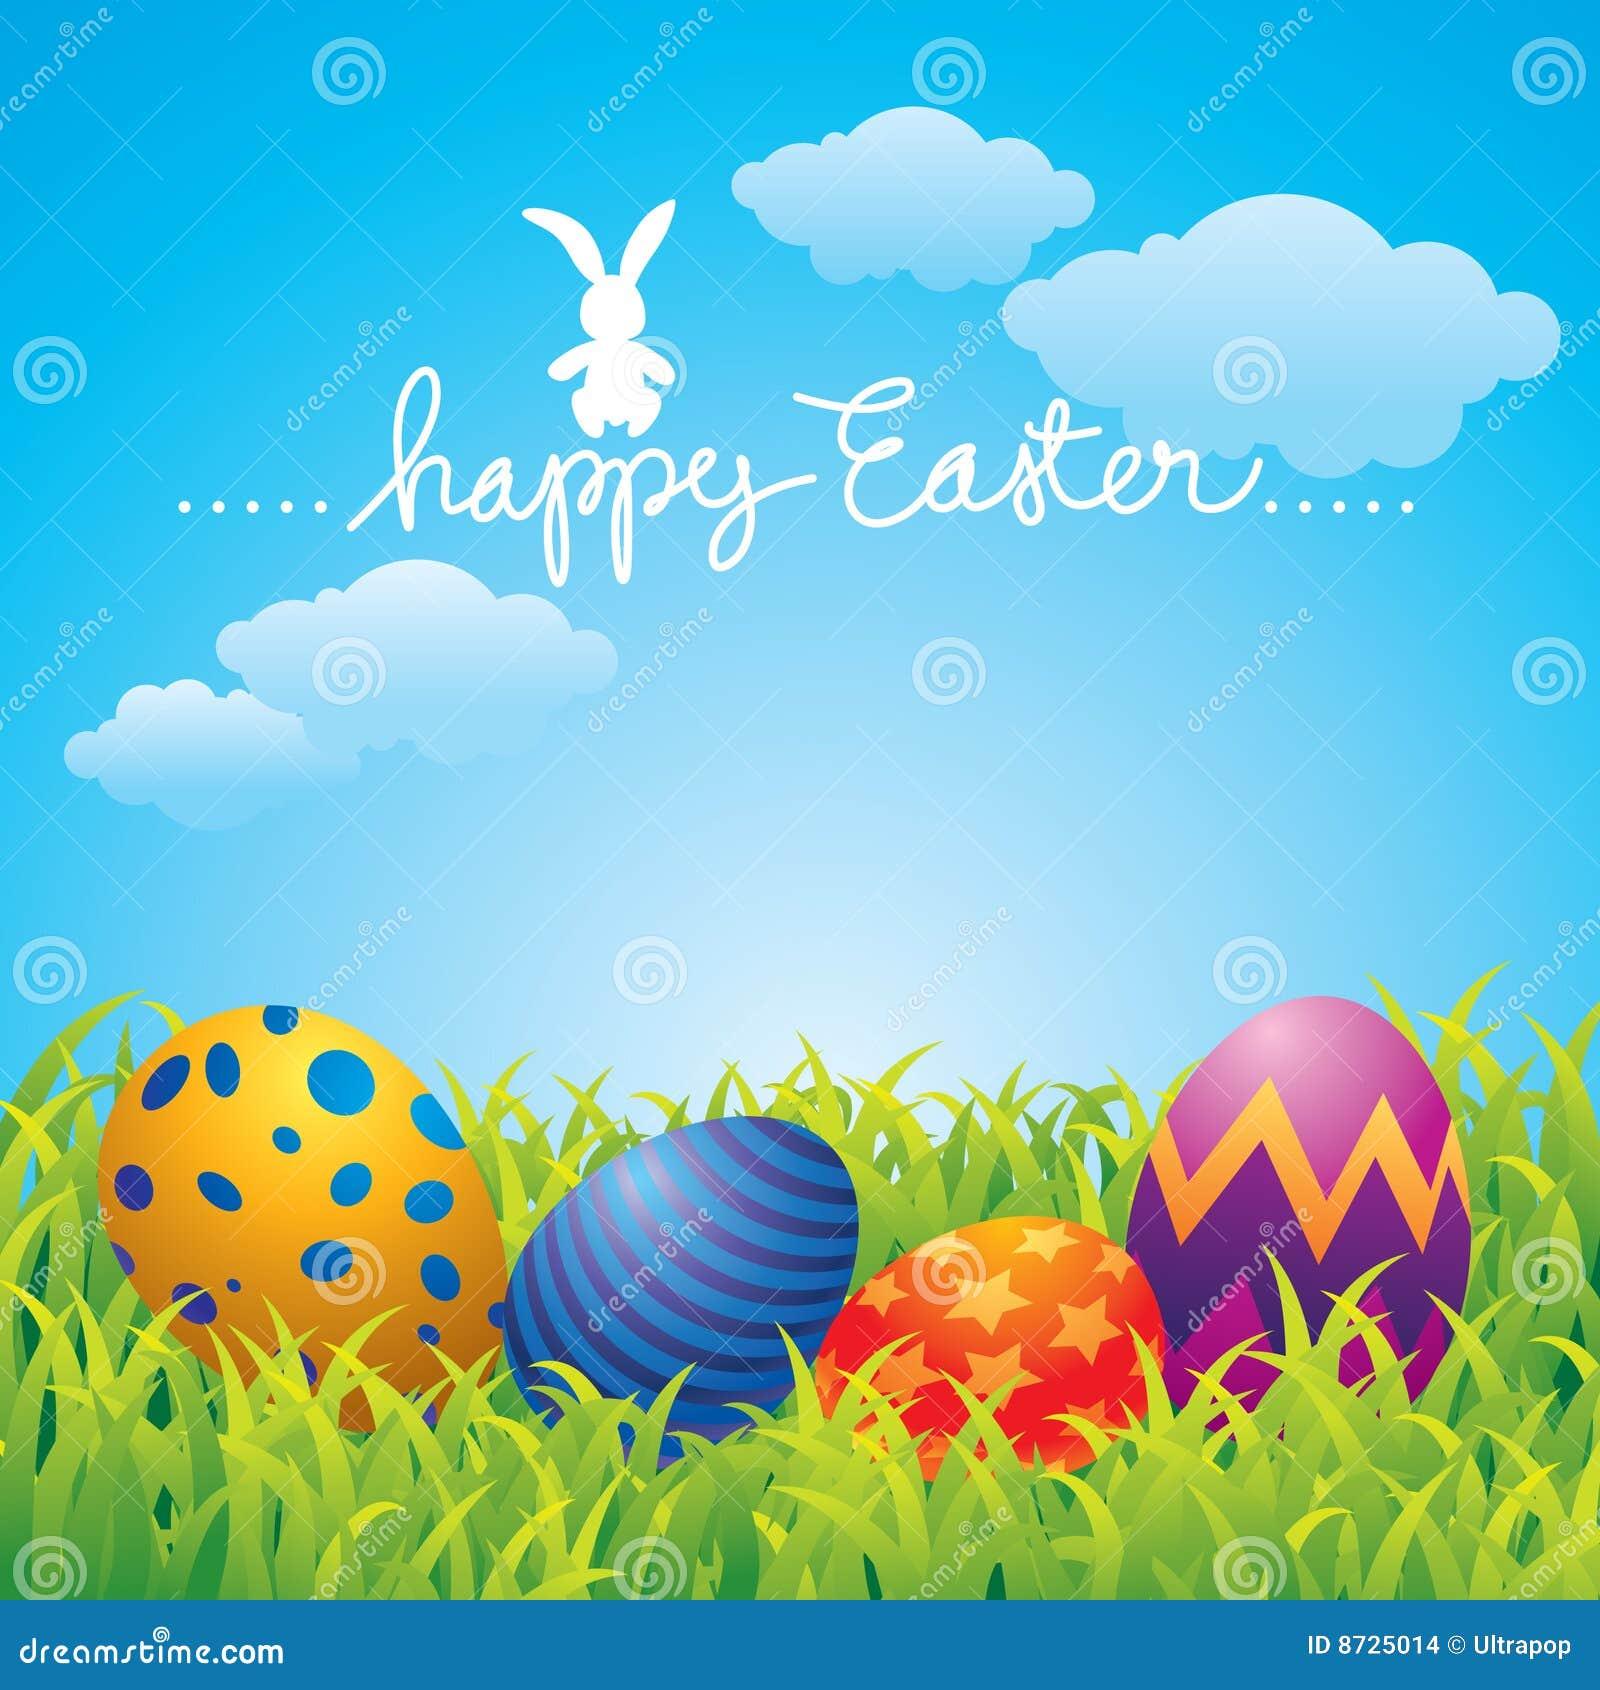 Glückliche Ostern-Grußkarte